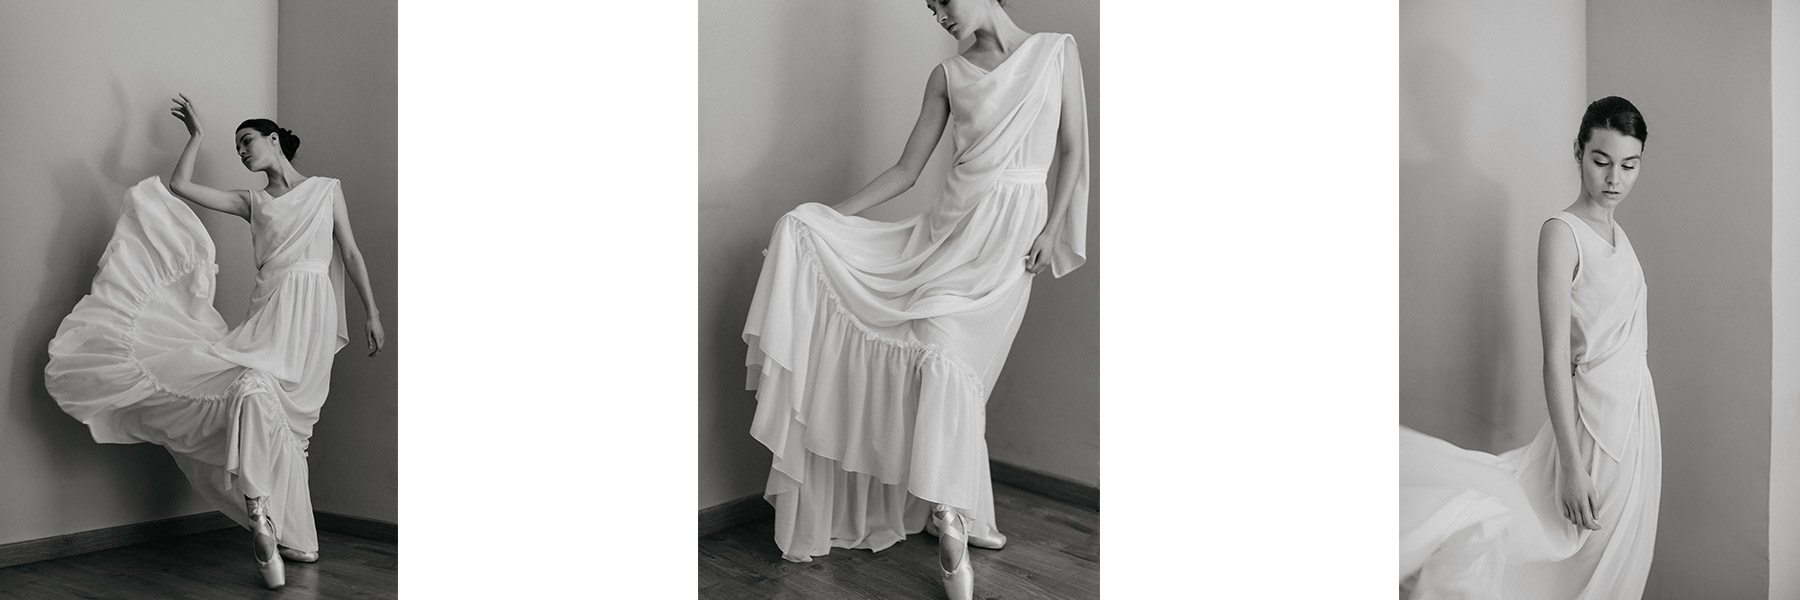 Traje de novia inspirado en la danza diseñado por Impúribus, la firma de moda especializada en vestidos de novia e invitada